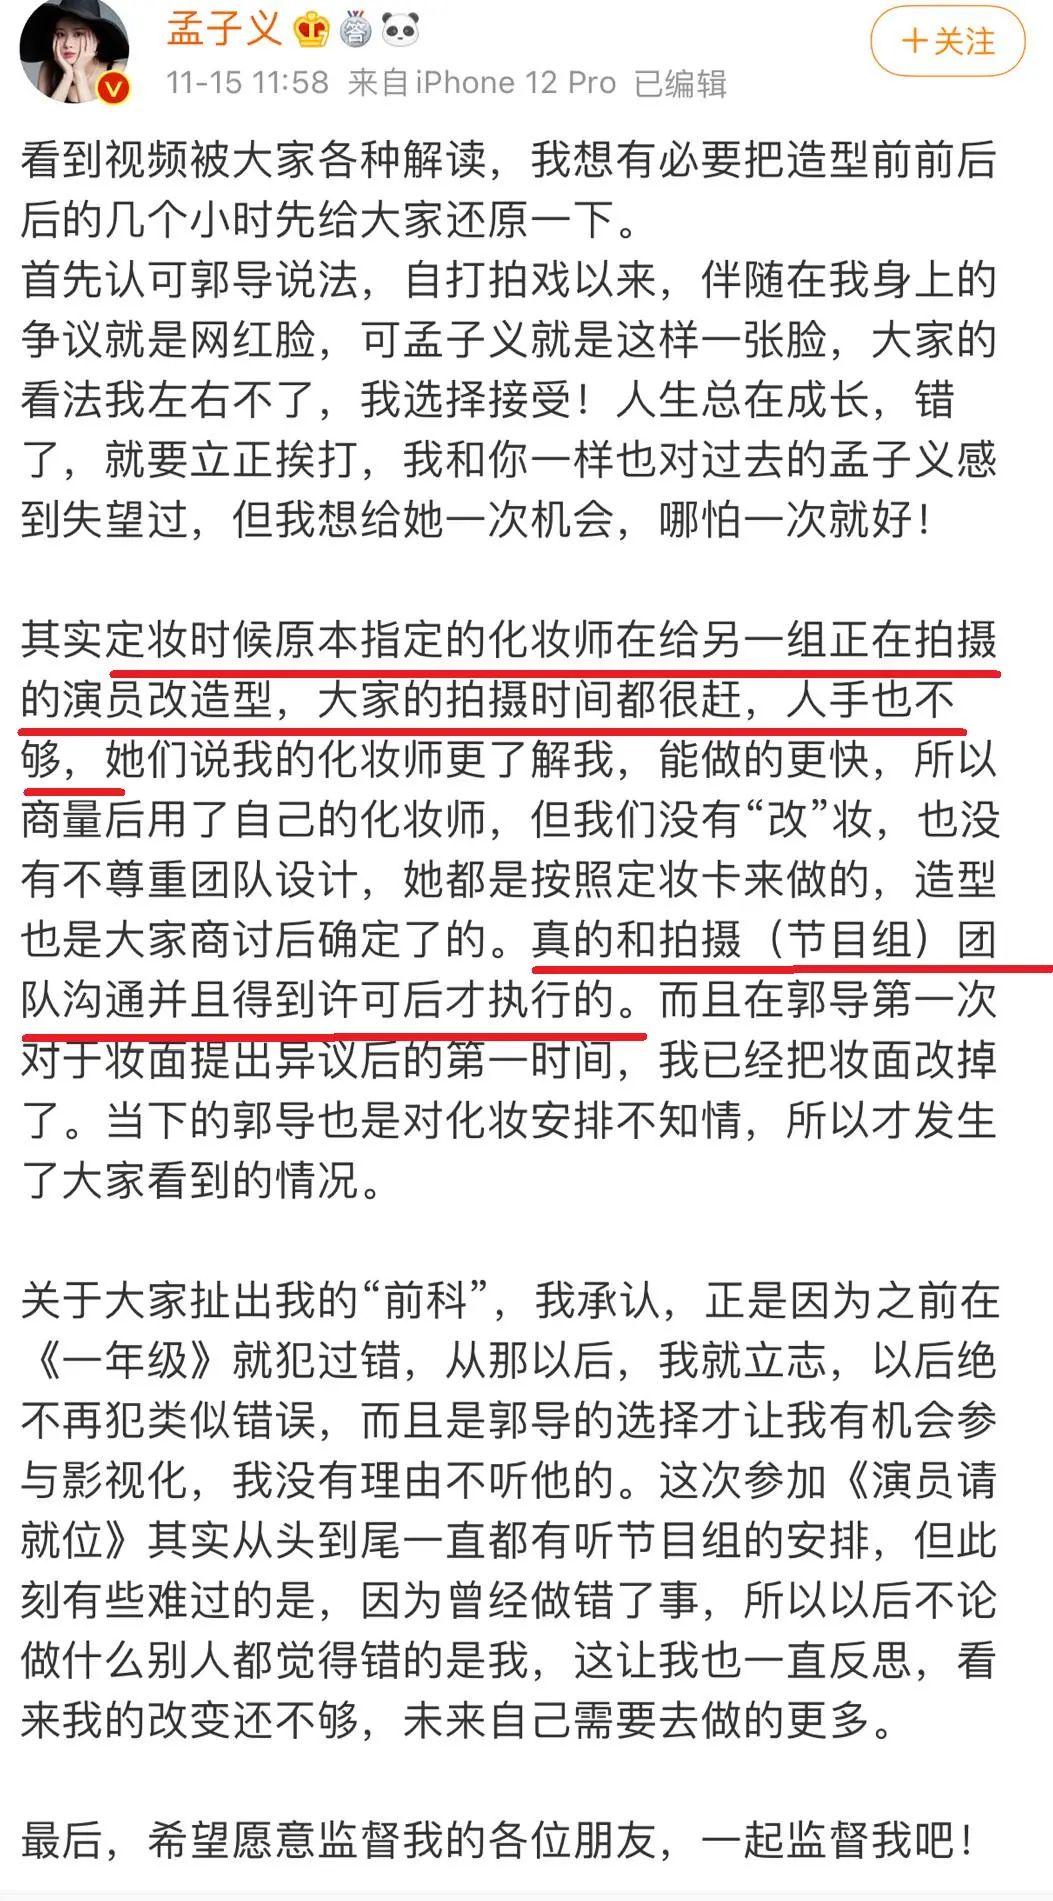 网恋被骗百万,相差19岁父女恋…一文看尽本周娱乐新鲜事 八卦 第8张